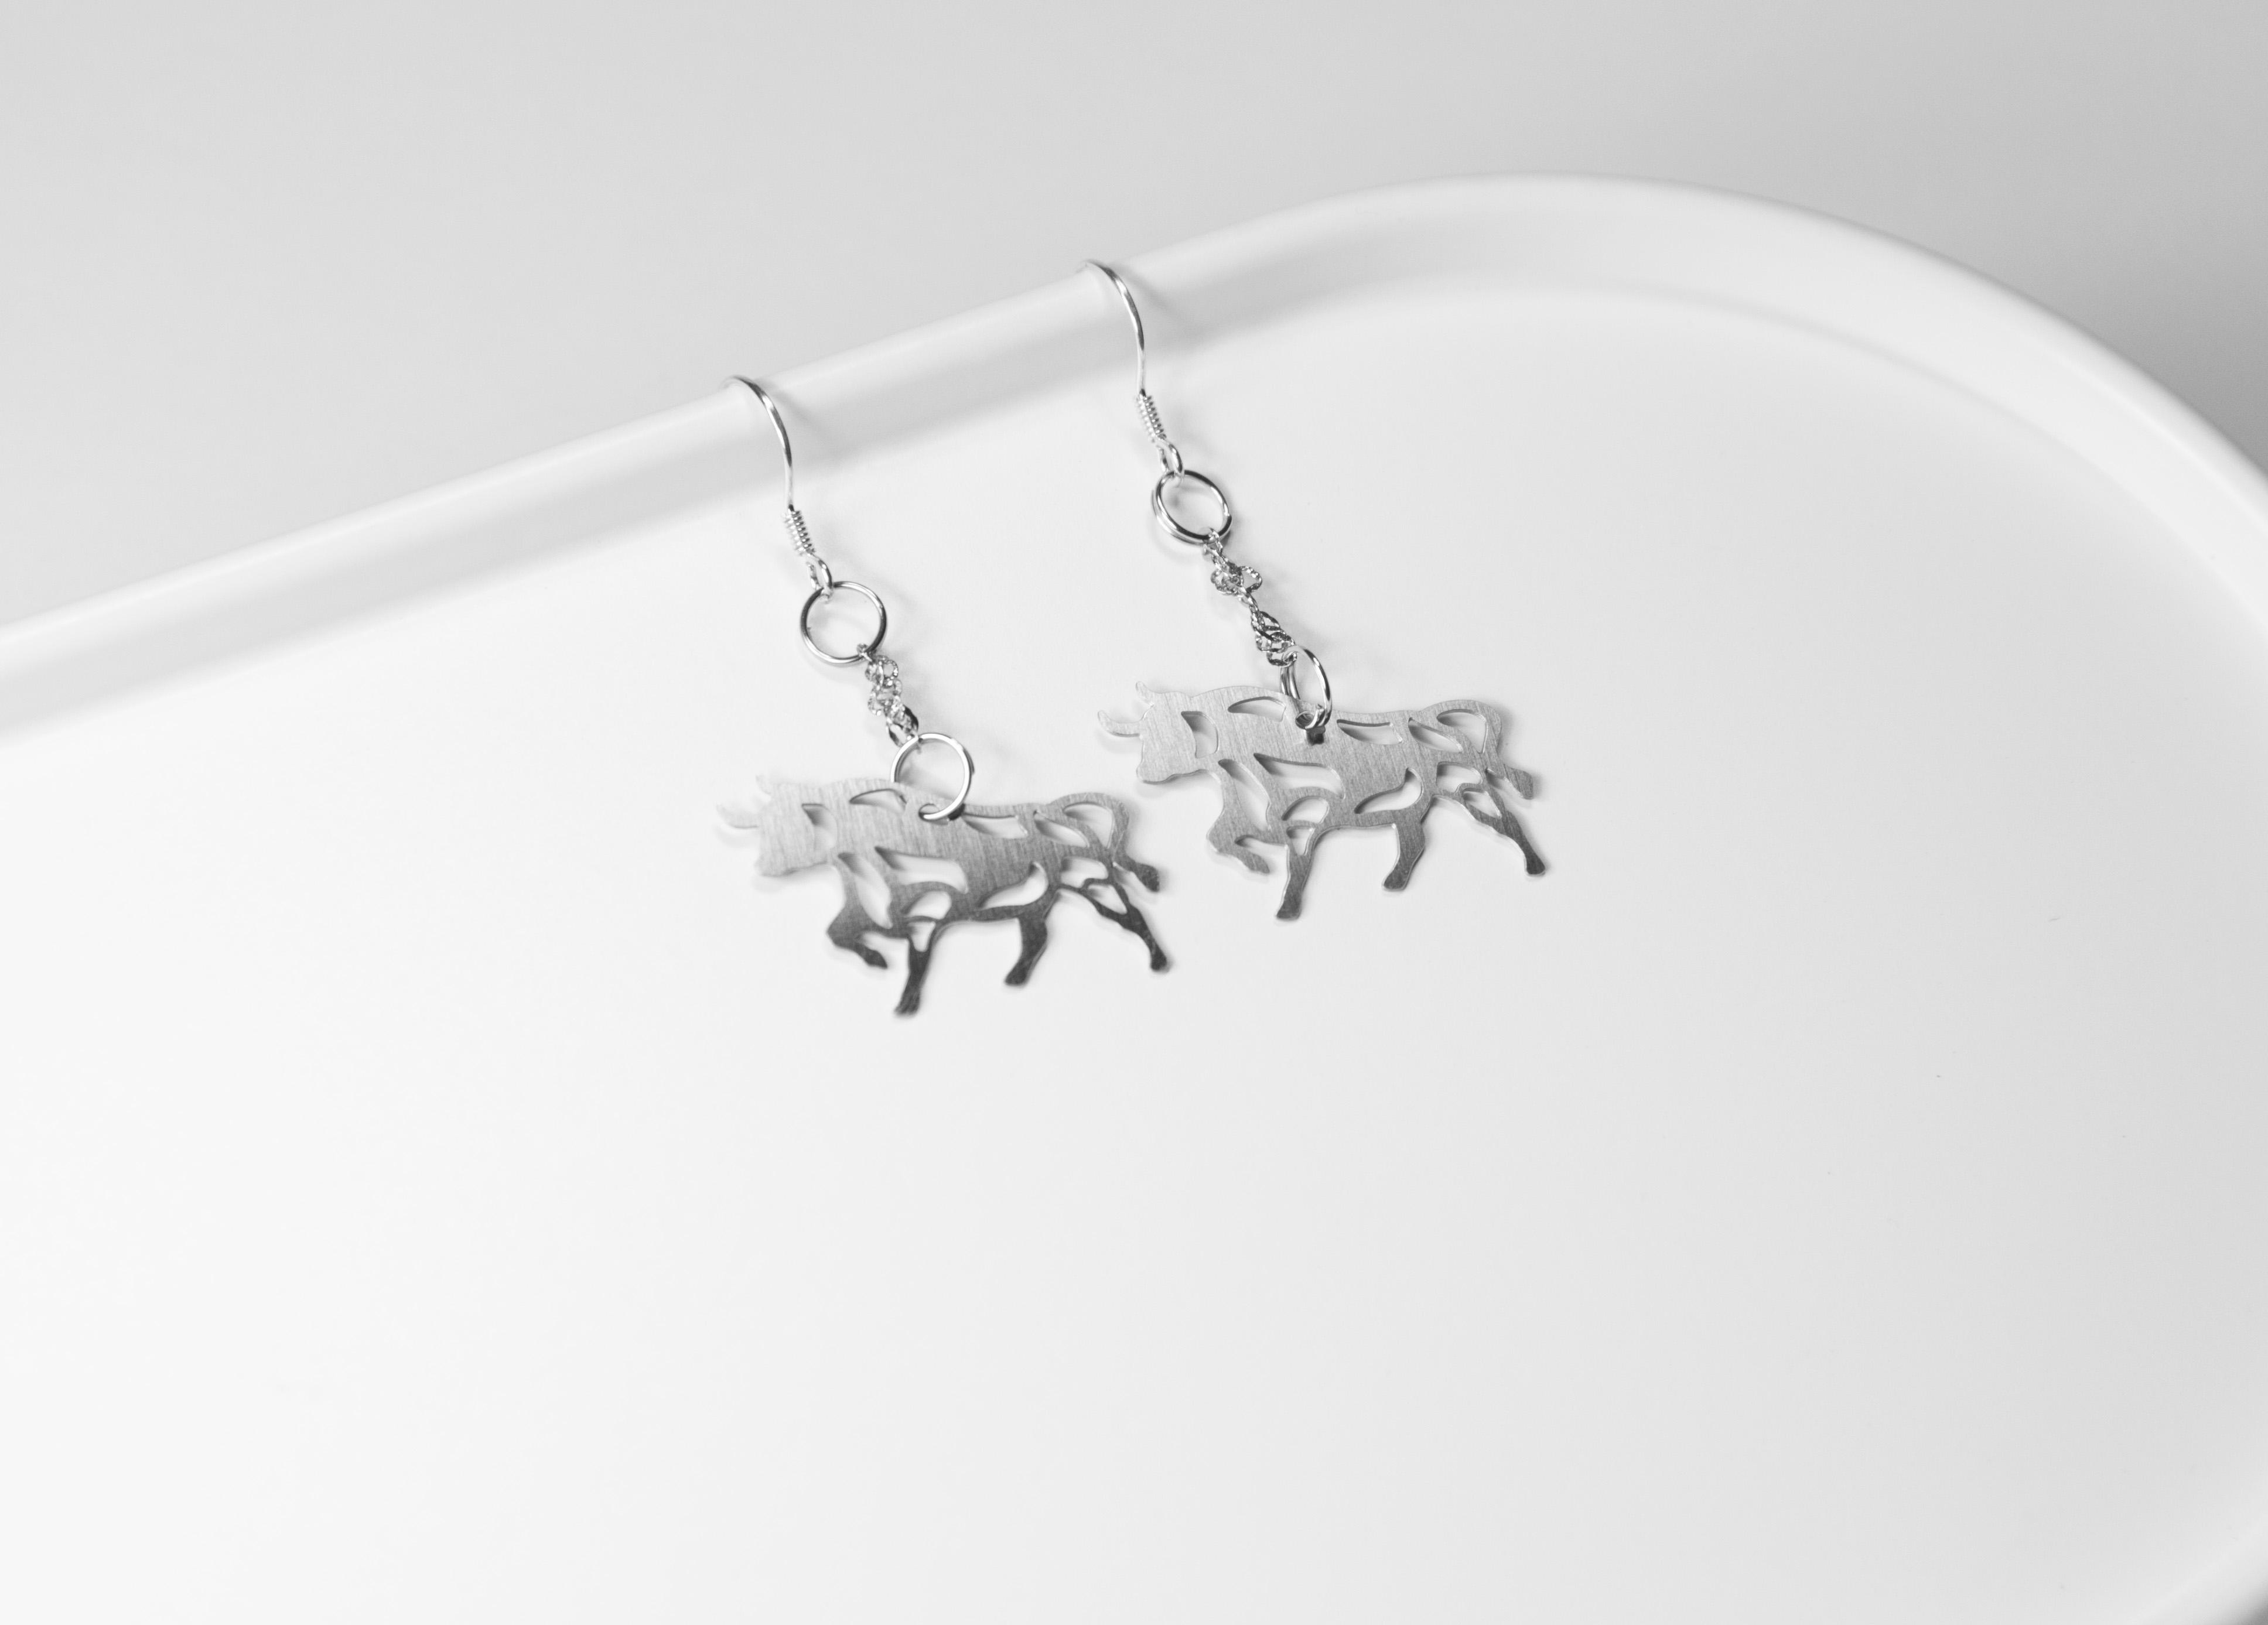 十二生肖─牛 (款式二) 耳環【迷你款】_動物系列_造題